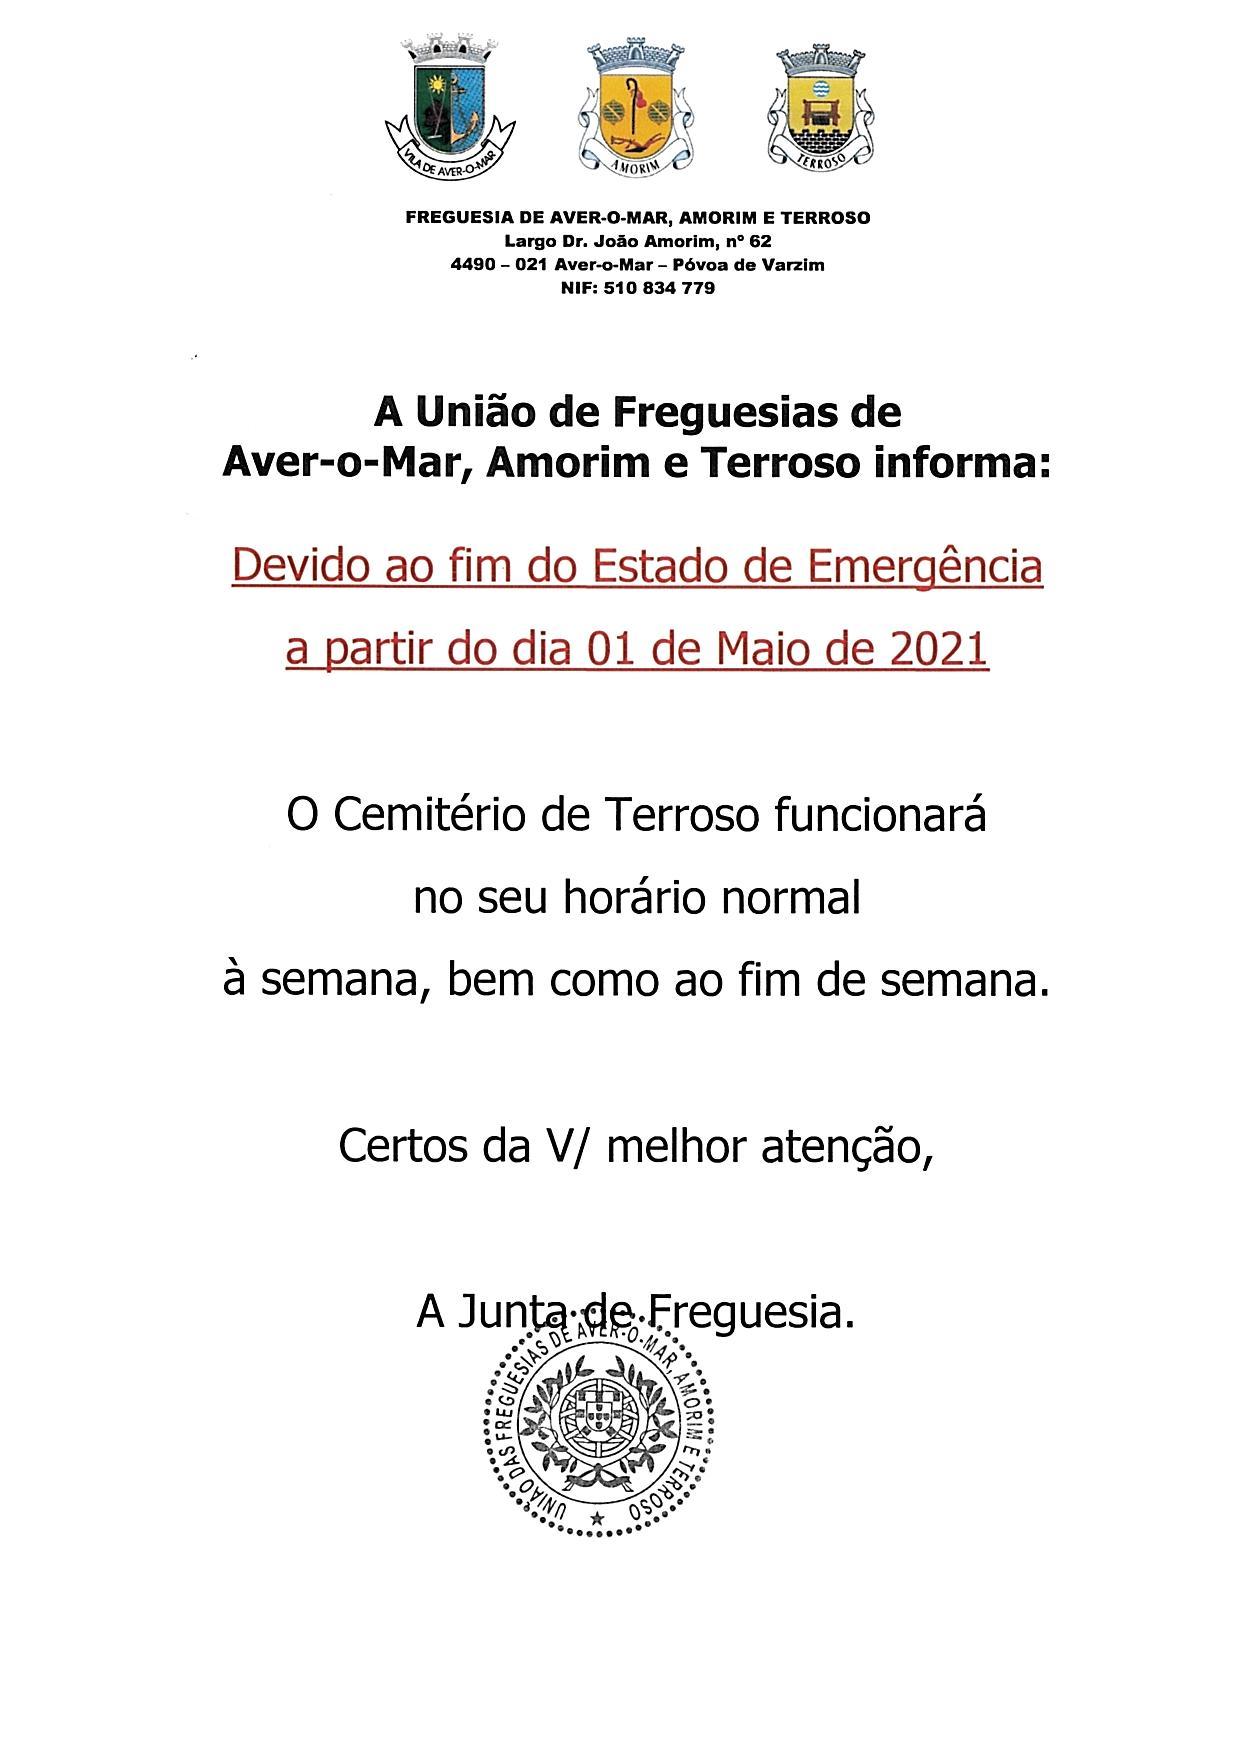 HORÁRIO DE FUNCIONAMENTO DO CEMITÉRIO DE TERROSO